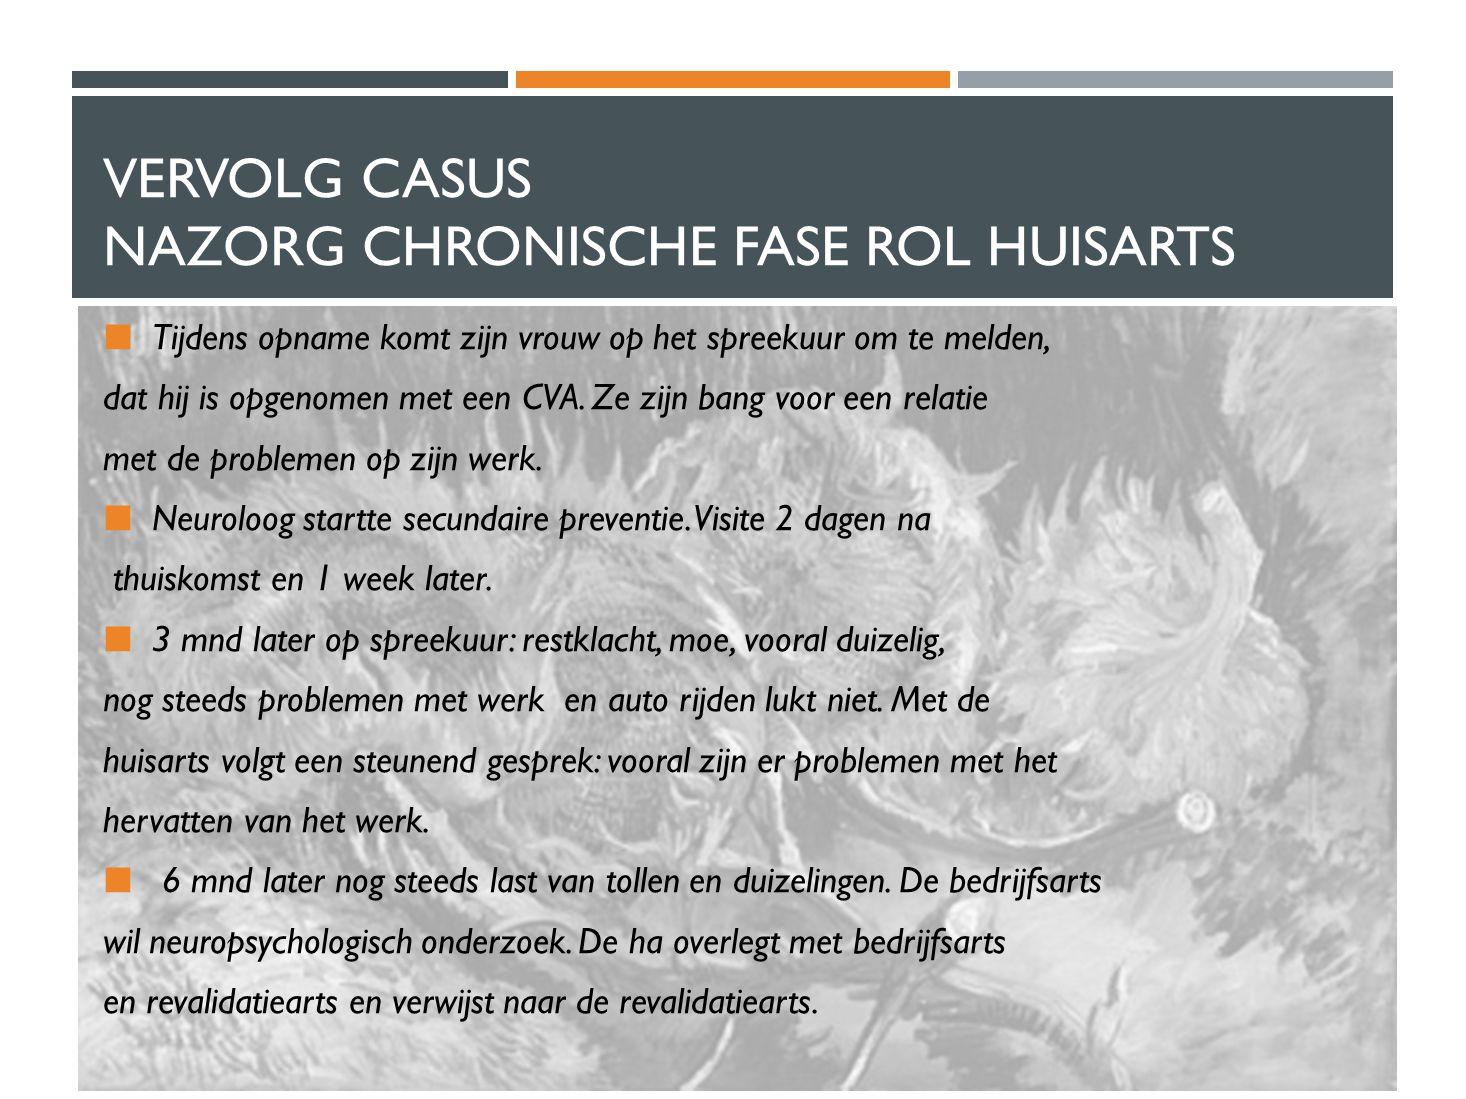 Vervolg casus Nazorg chronische fase Rol huisarts